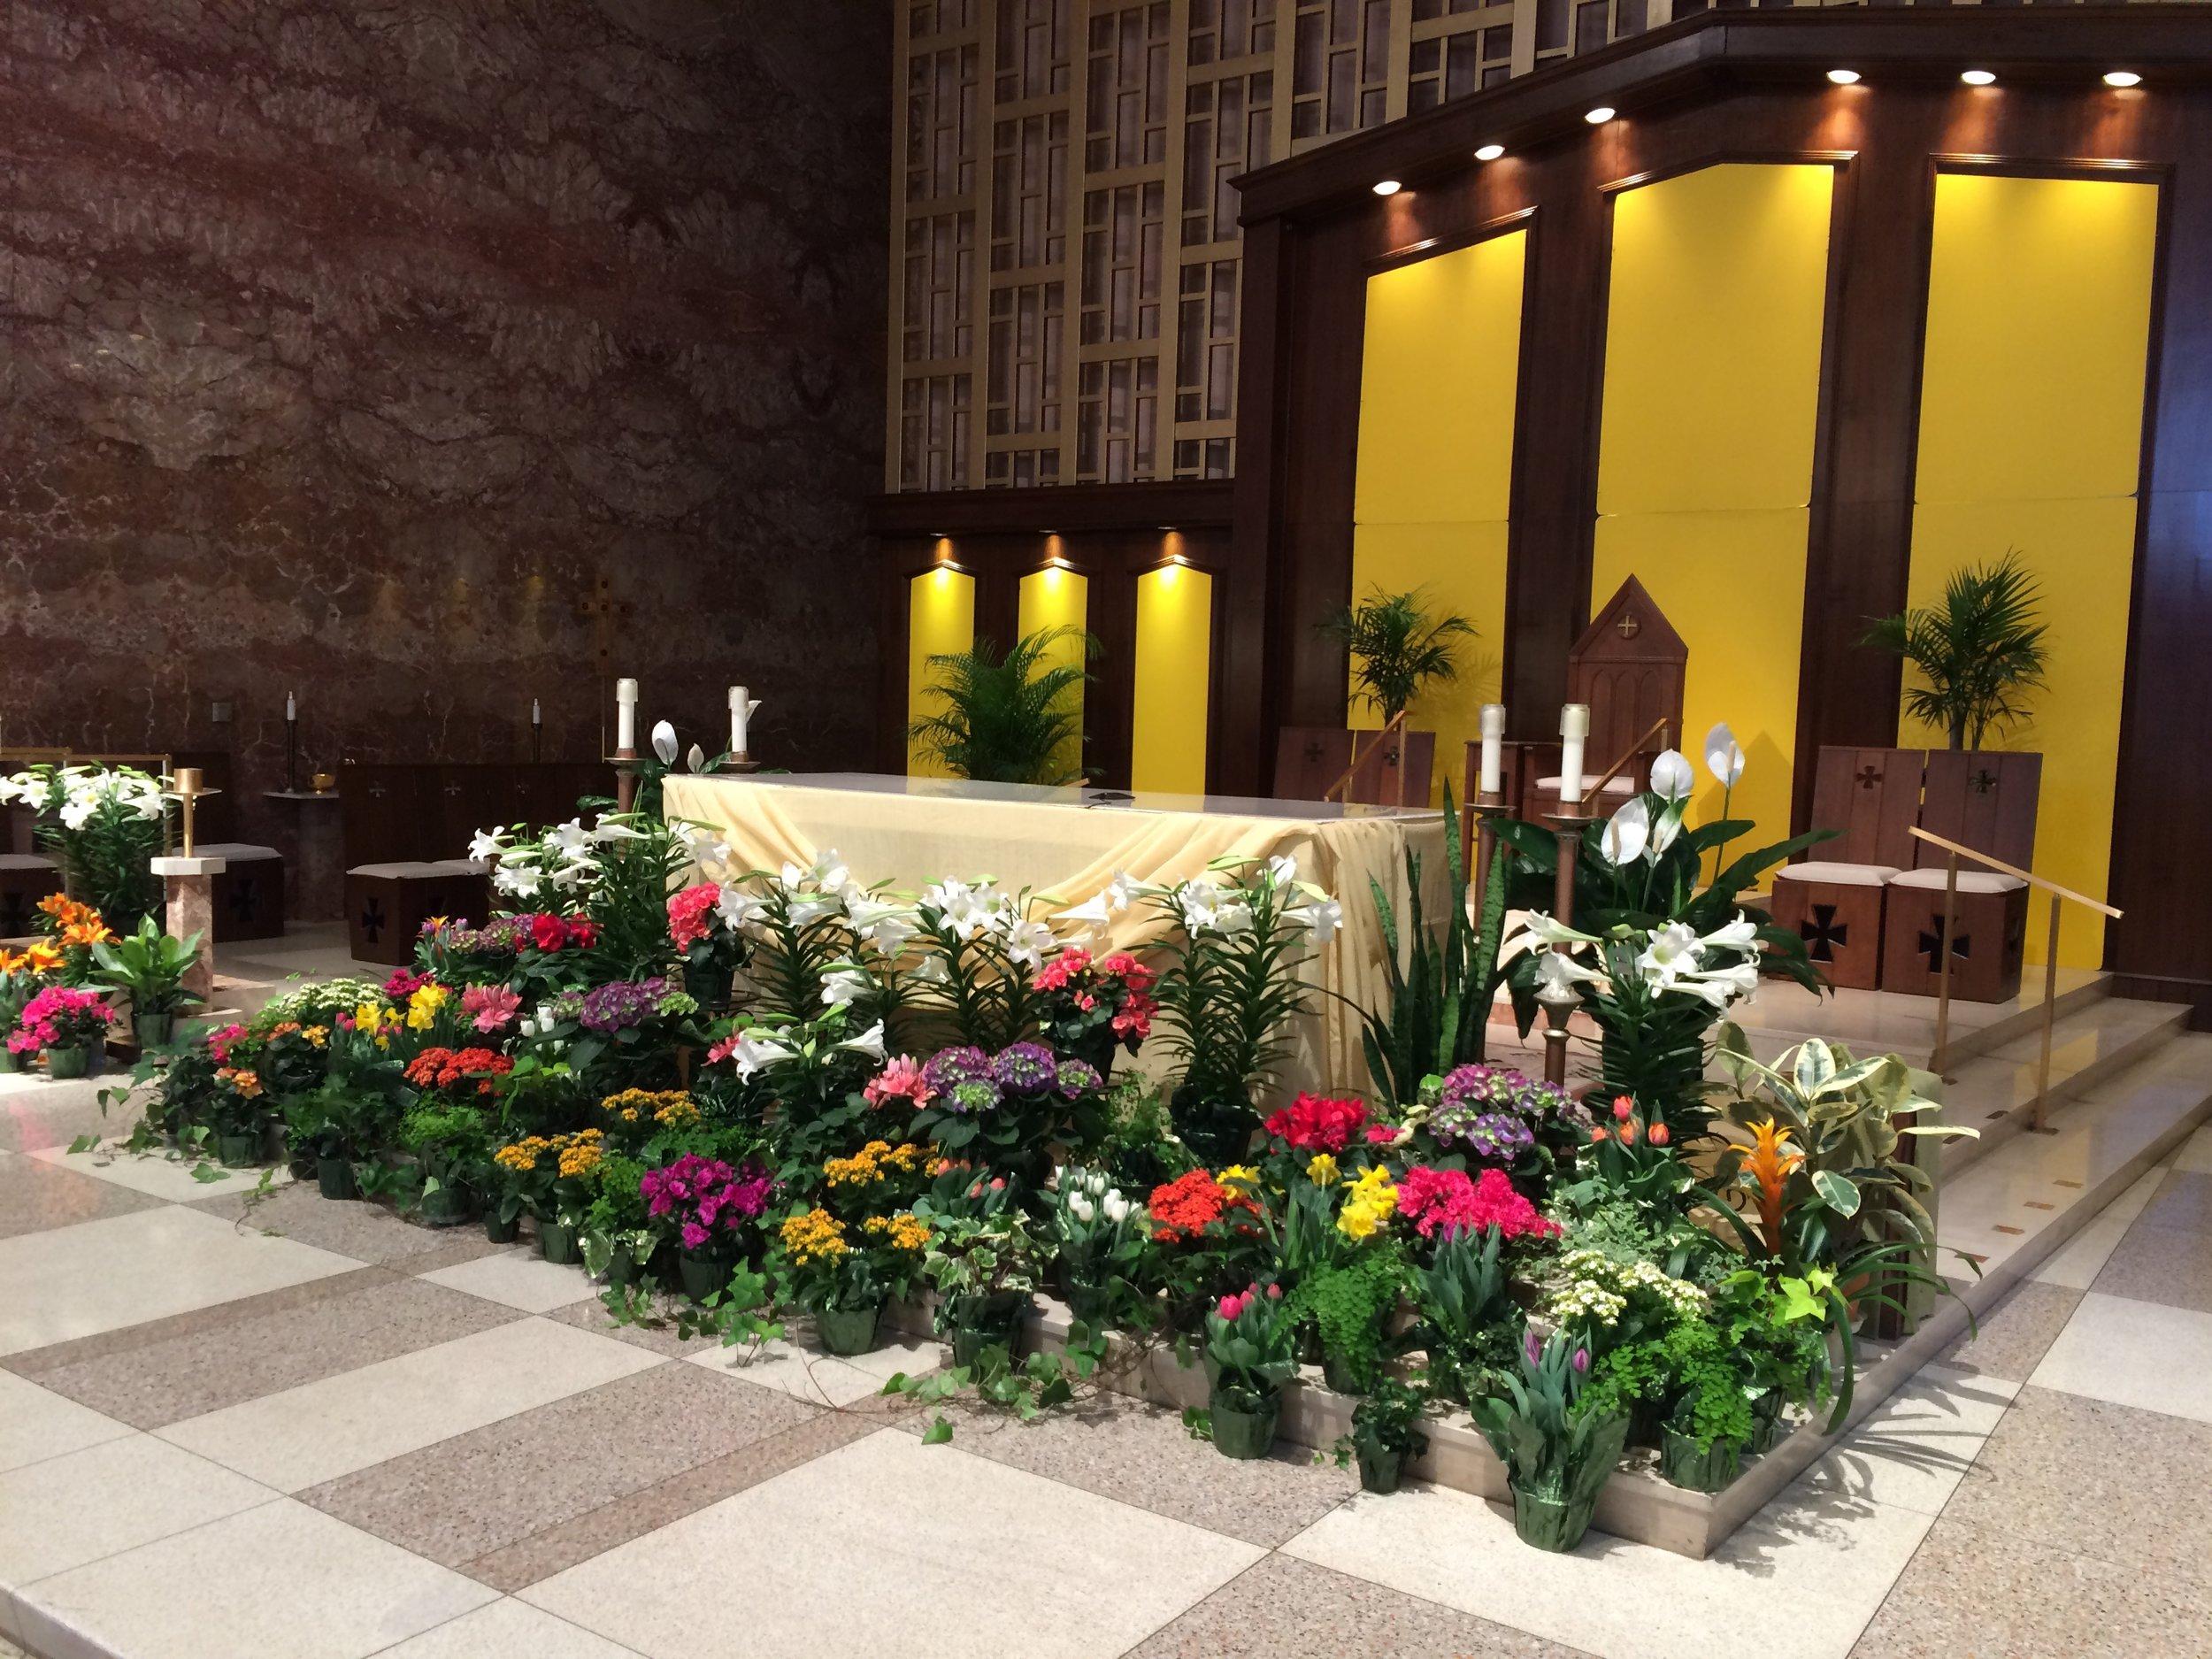 St. Cletus Parish in La Grange